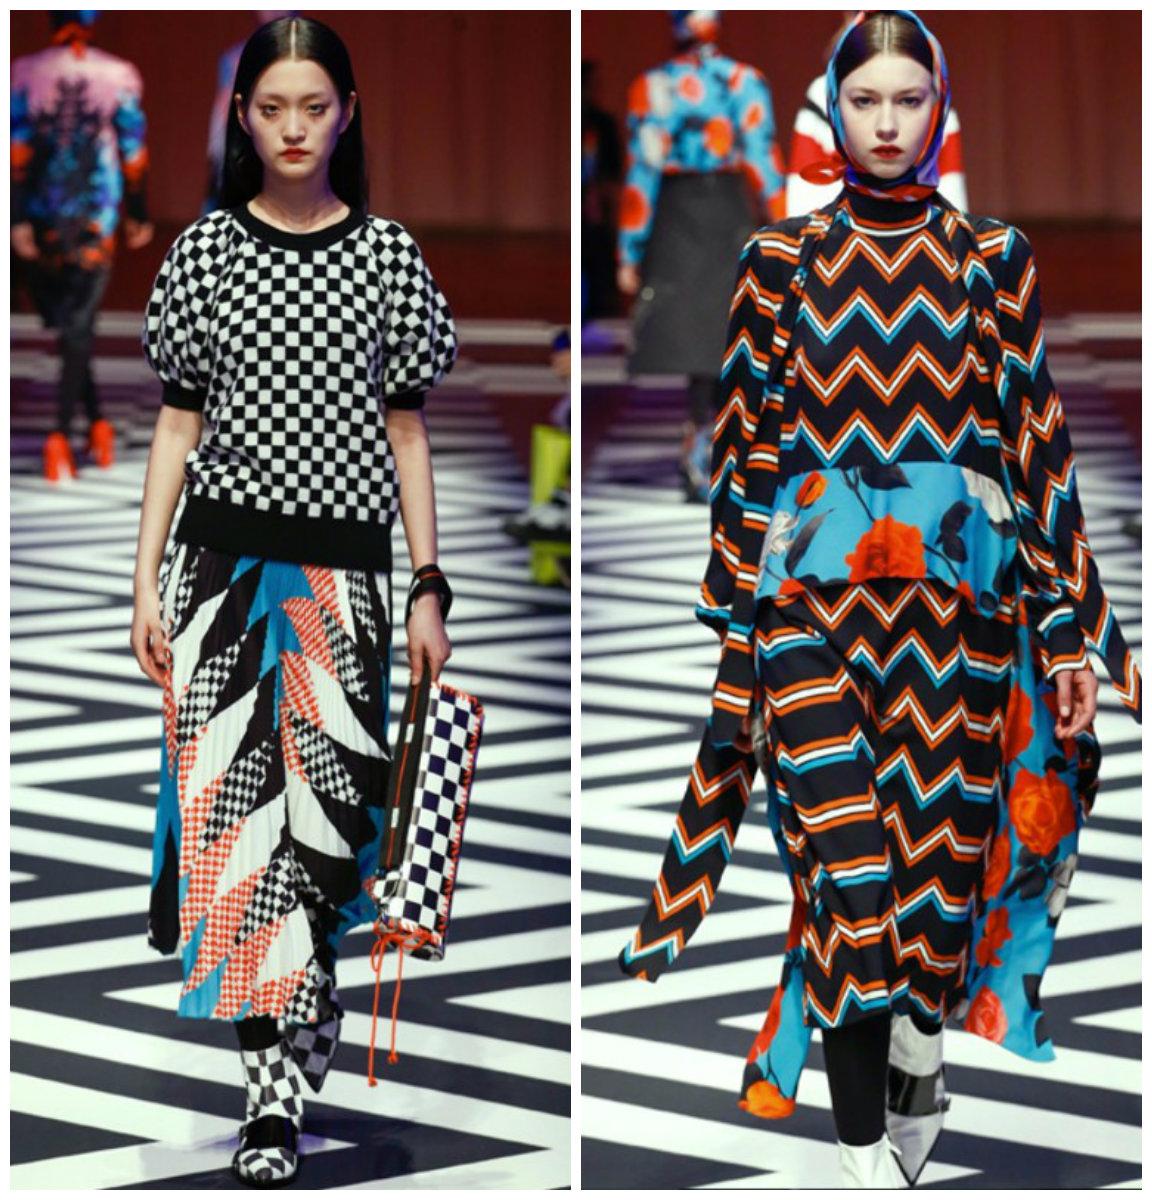 Тенденции-женской-моды-2019-года-фото-одежда-из-денима-деловой-стиль-авангард-Тенденции моды 2019-Мода 2019, основные тенденции